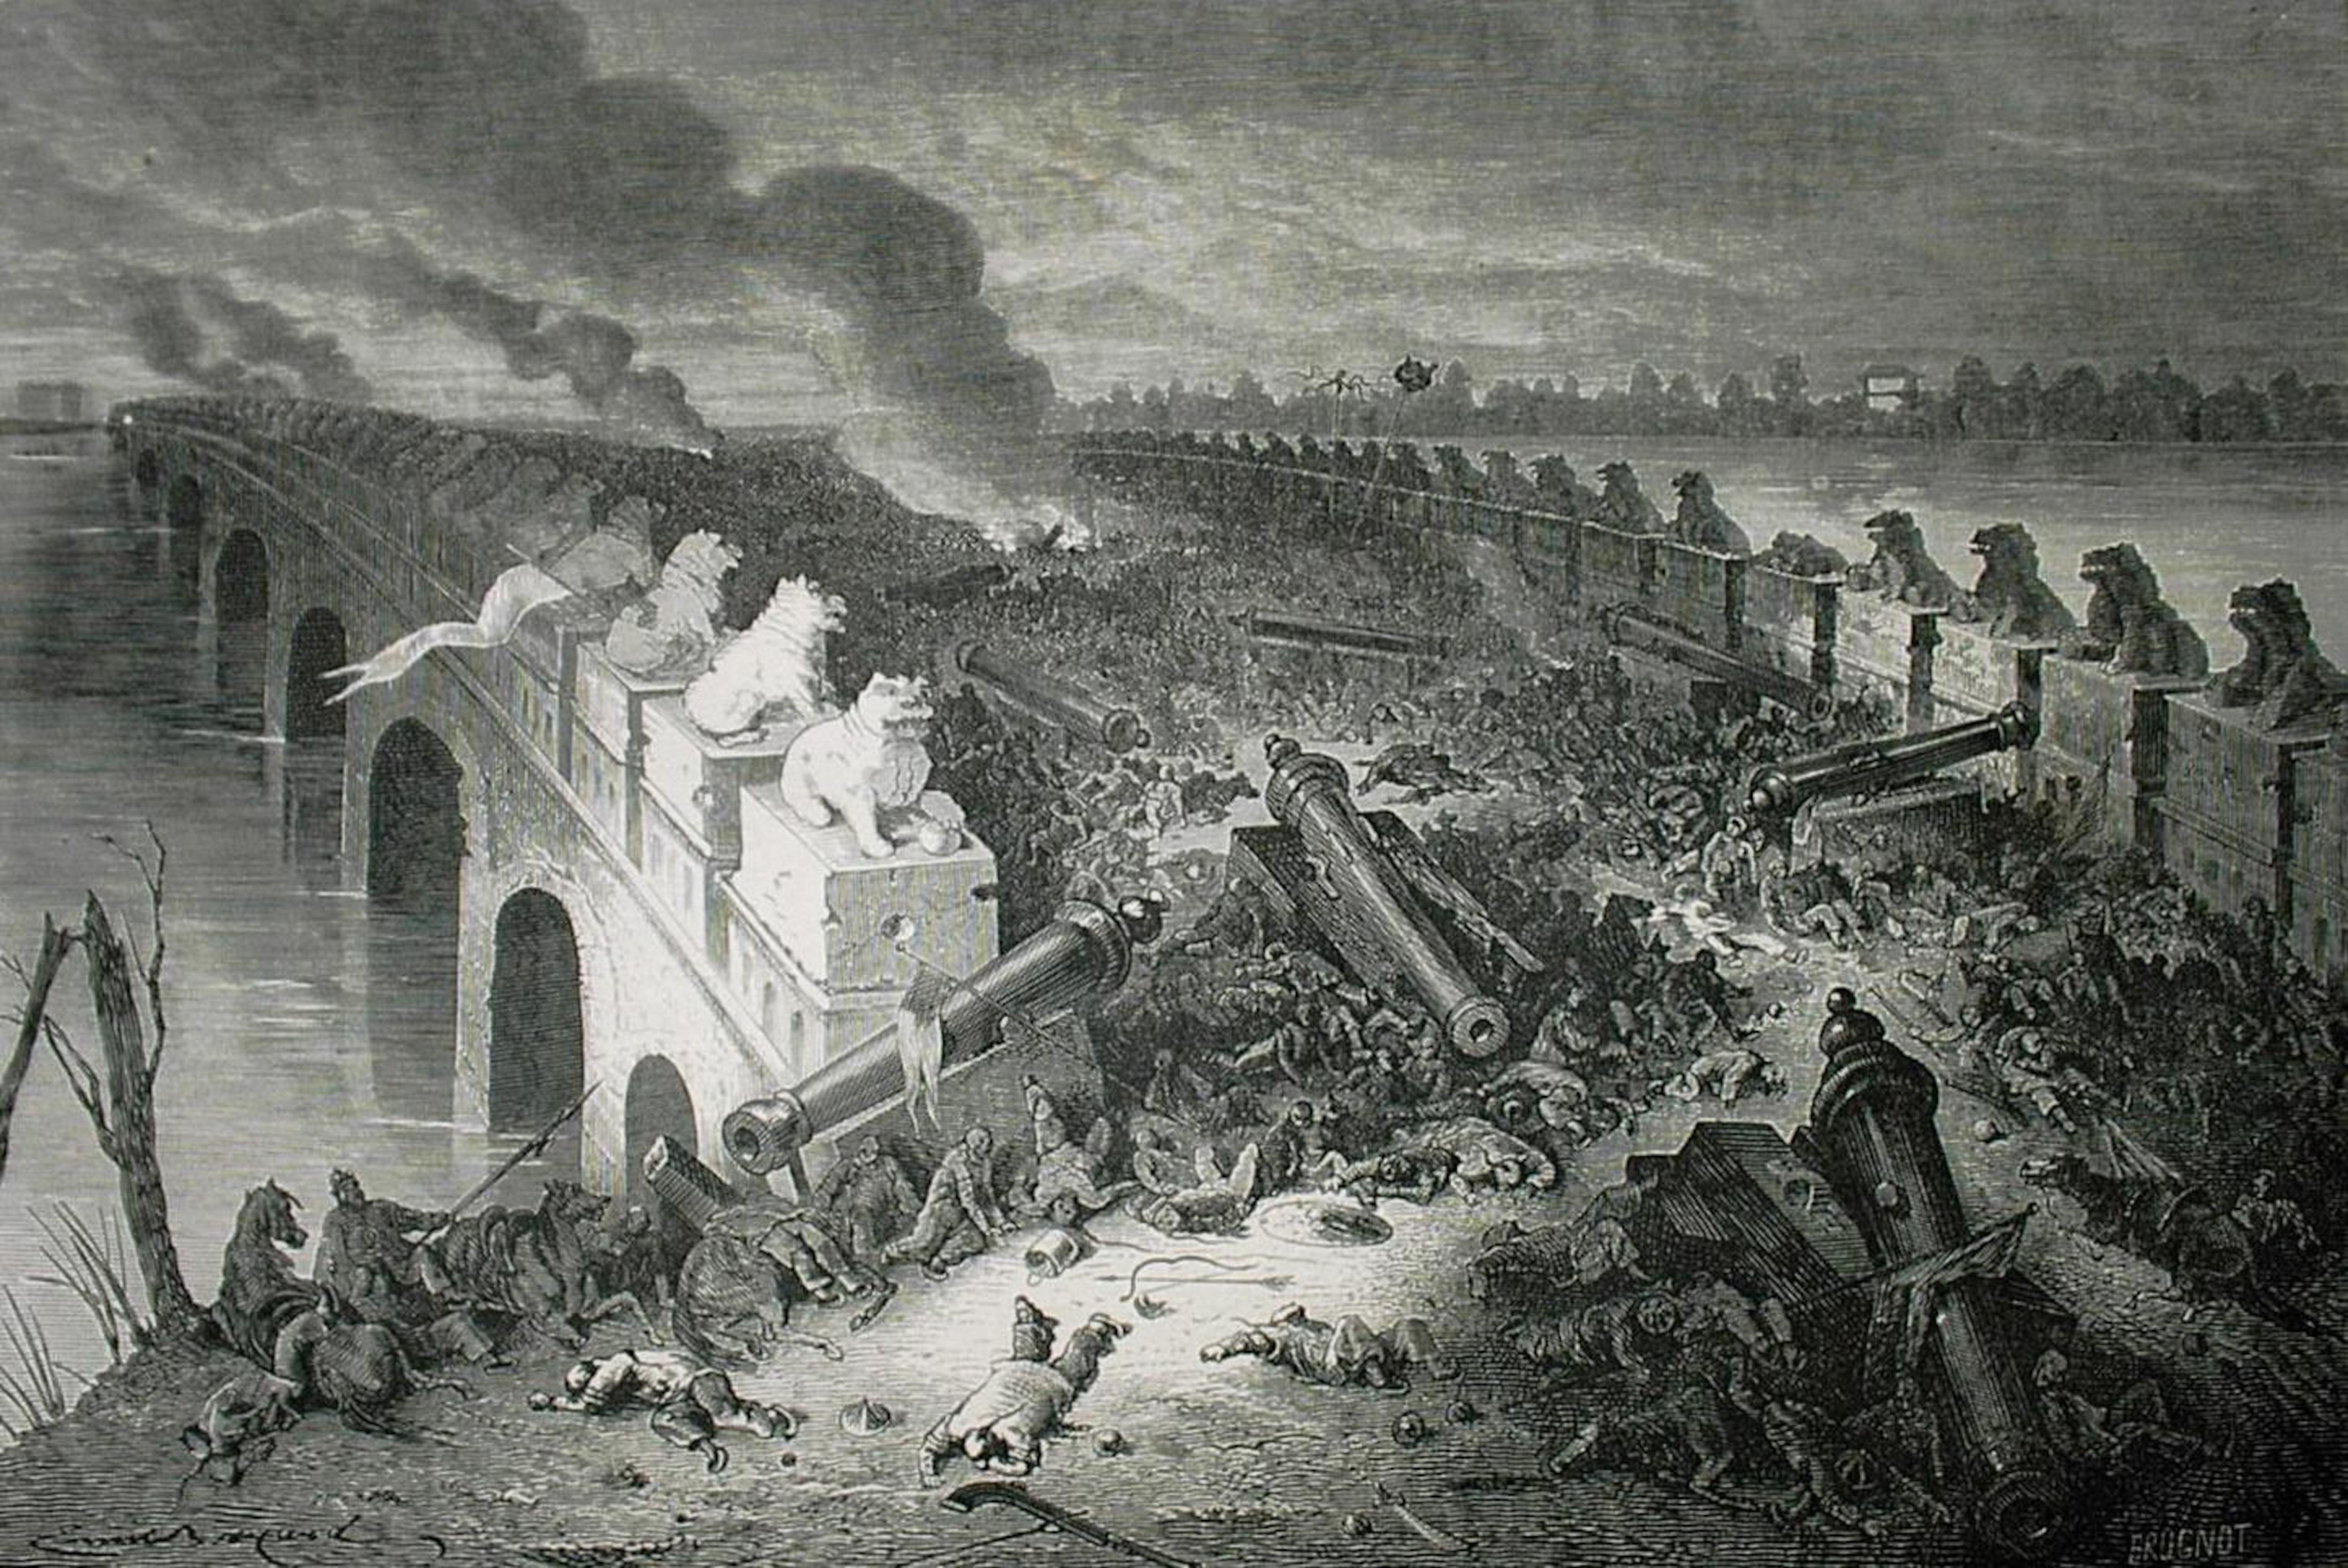 Une représentation d'une bataille sur un pont; des corps d'hommes et de chevaux gisent, et des canons sont sur le pont.